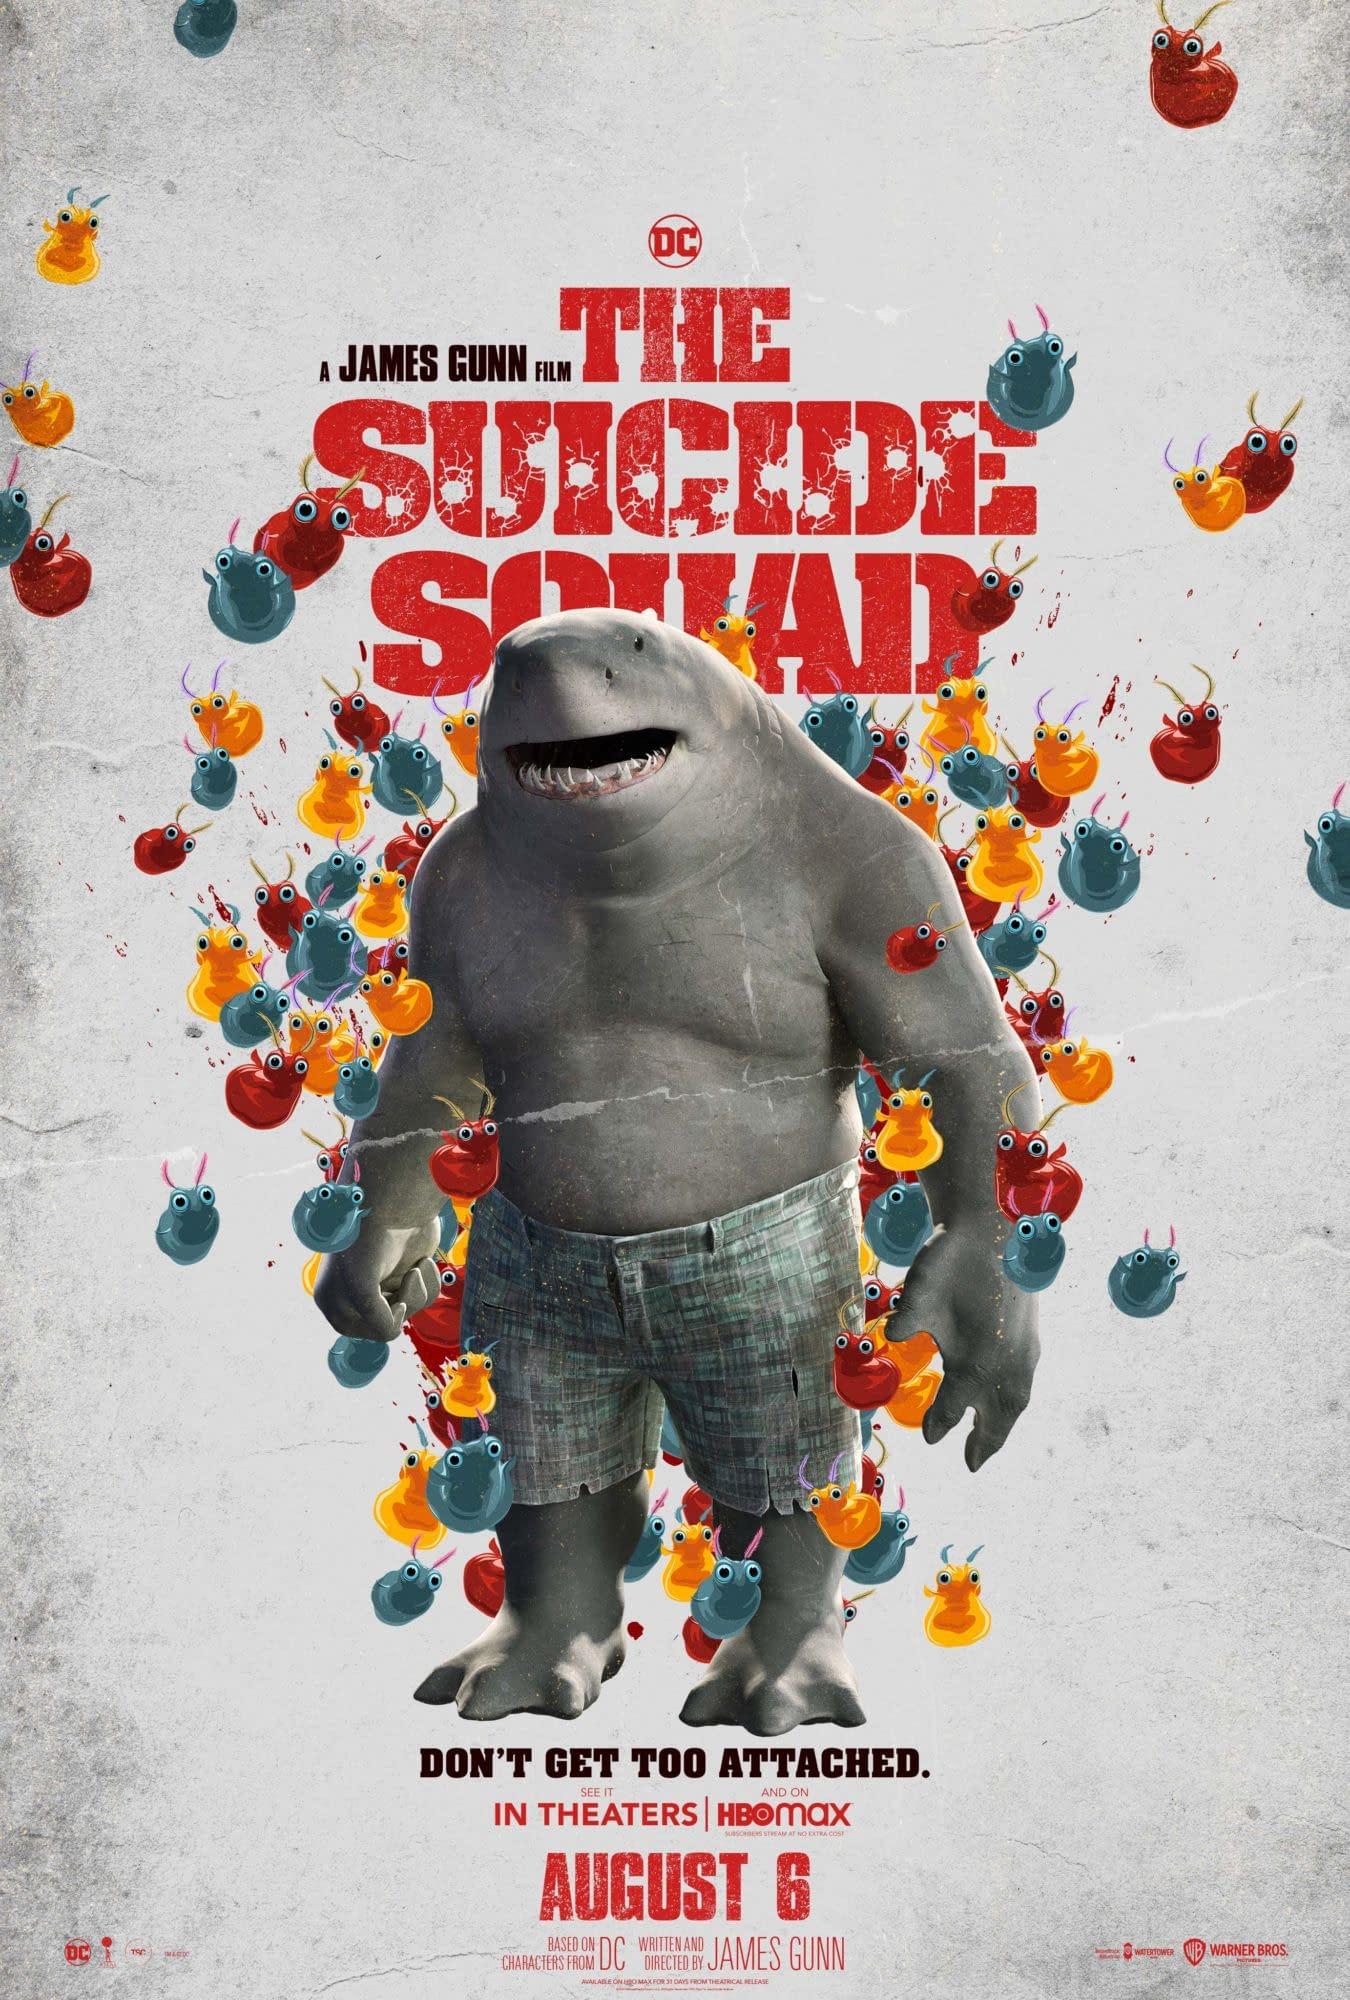 O Esquadrão Suicida de James Gunn ganhou seu primeiro trailer recheado de ação e comédia, contando com a presença de ninguém menos que Silvester Stallone como o Tubarão Rei.